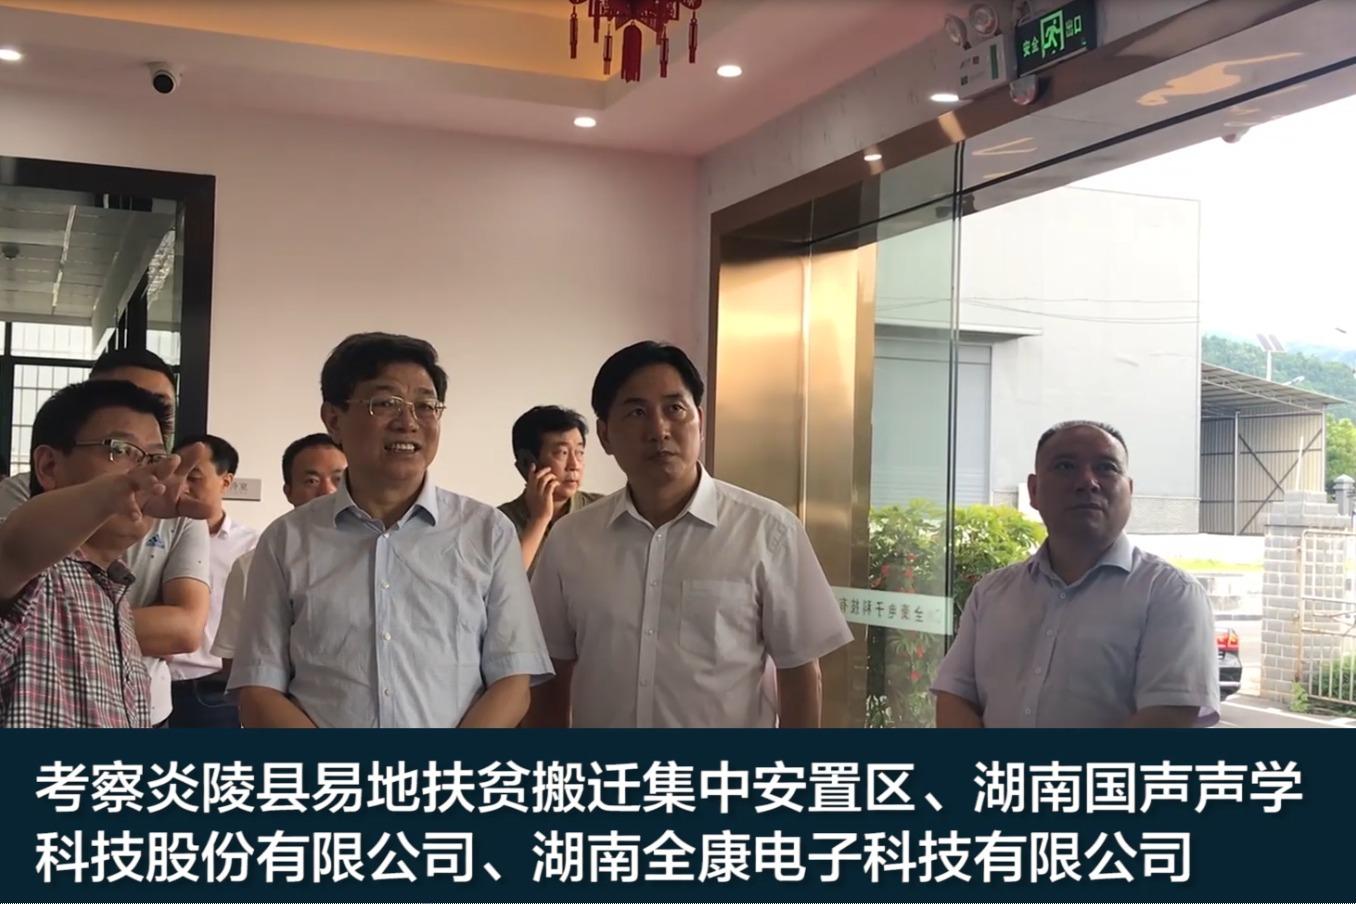 0710省政协副主席贺安杰赴株洲调研县级政协工作情况